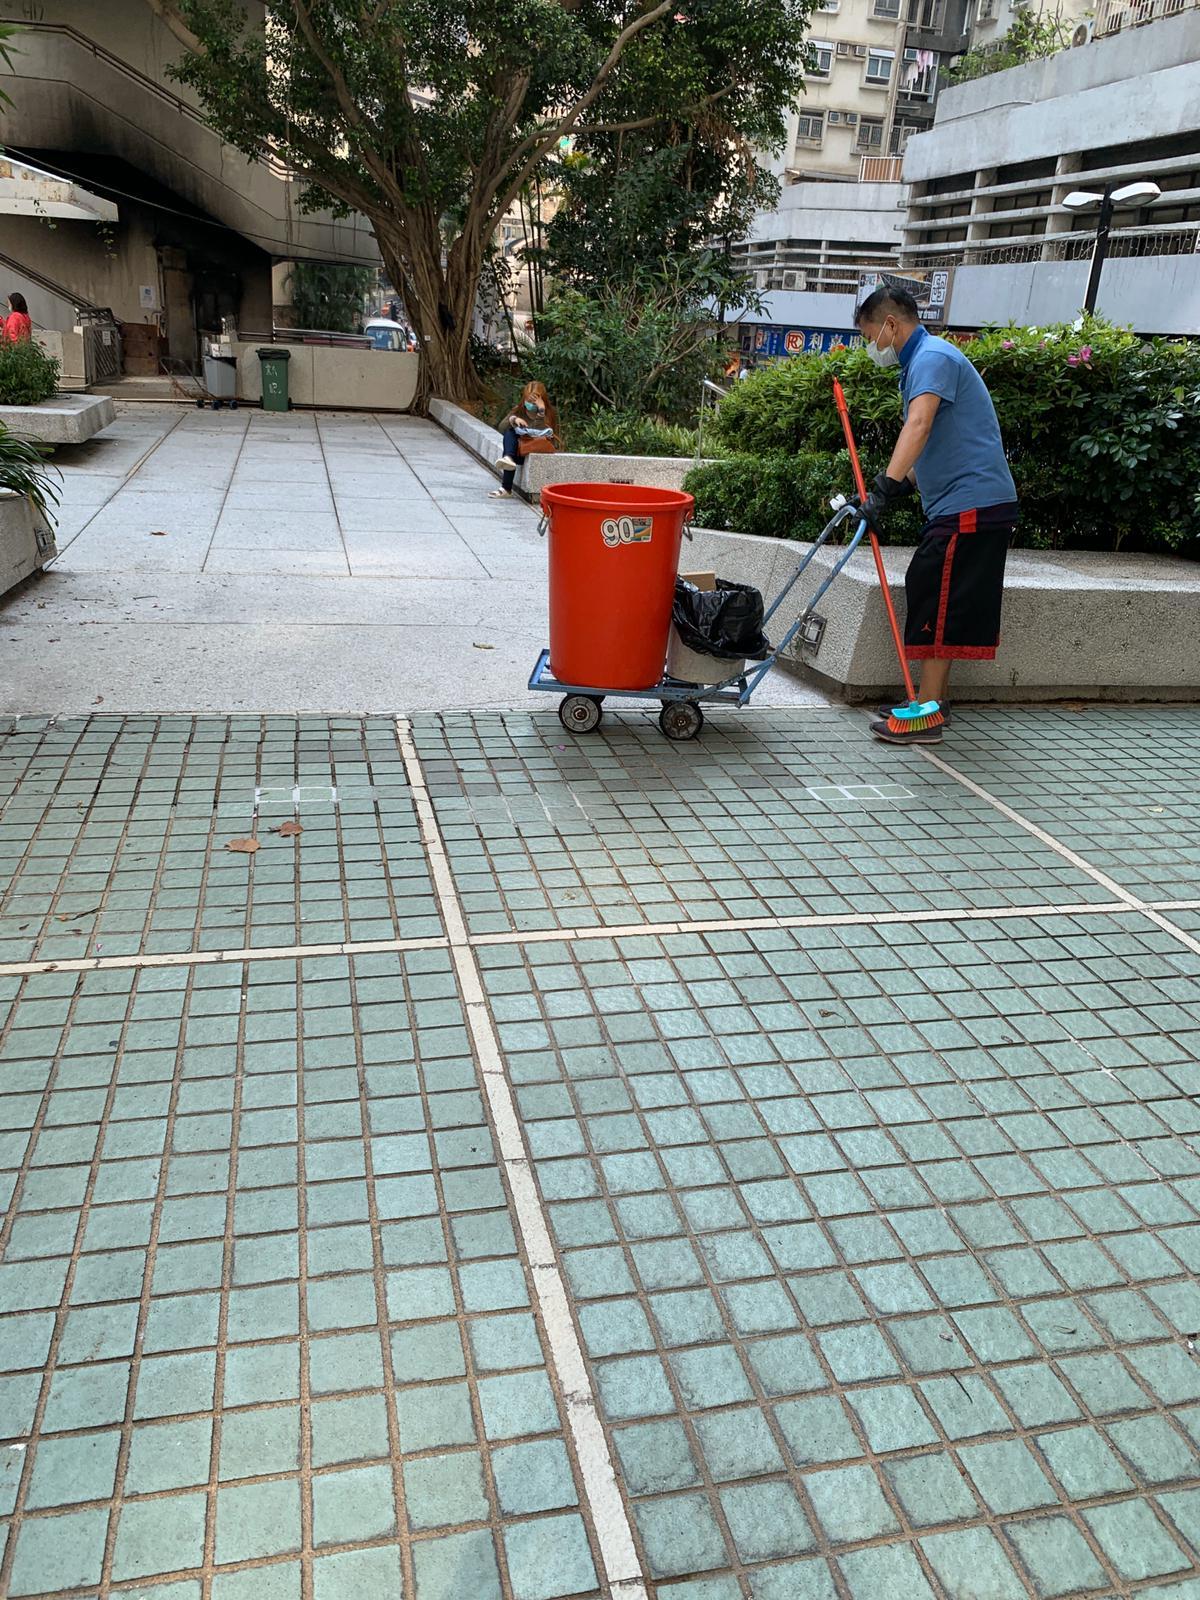 仇動物人士瘋狂投訴 城市花園被指用不明液體驅鴿 管理公司否認 | 香港動物報 Hong Kong Animal Post